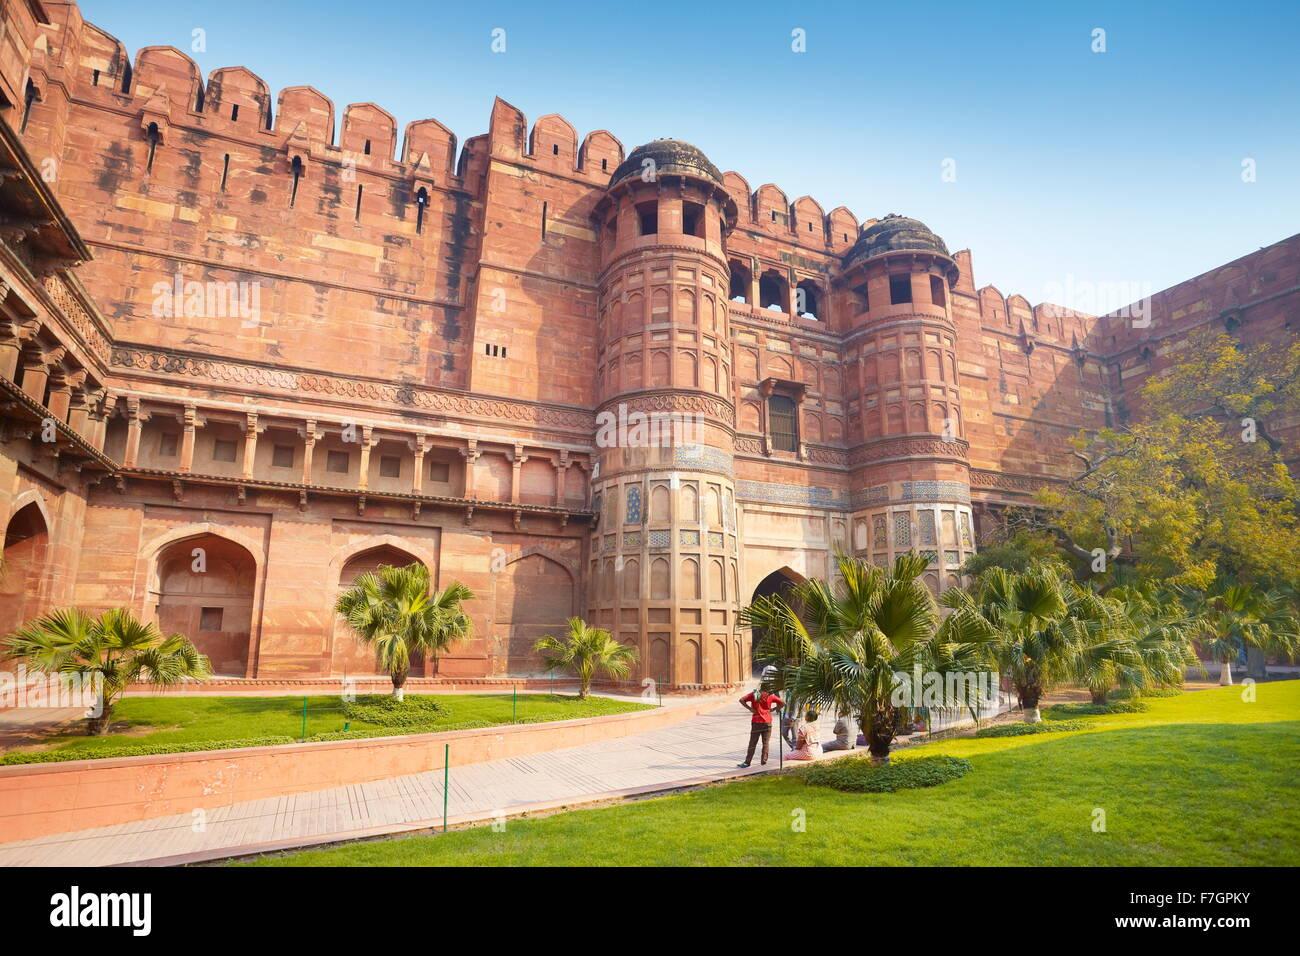 Agra Red Fort - La Amar Singh porta fortificata, porta principale di accesso, Agra, India Immagini Stock